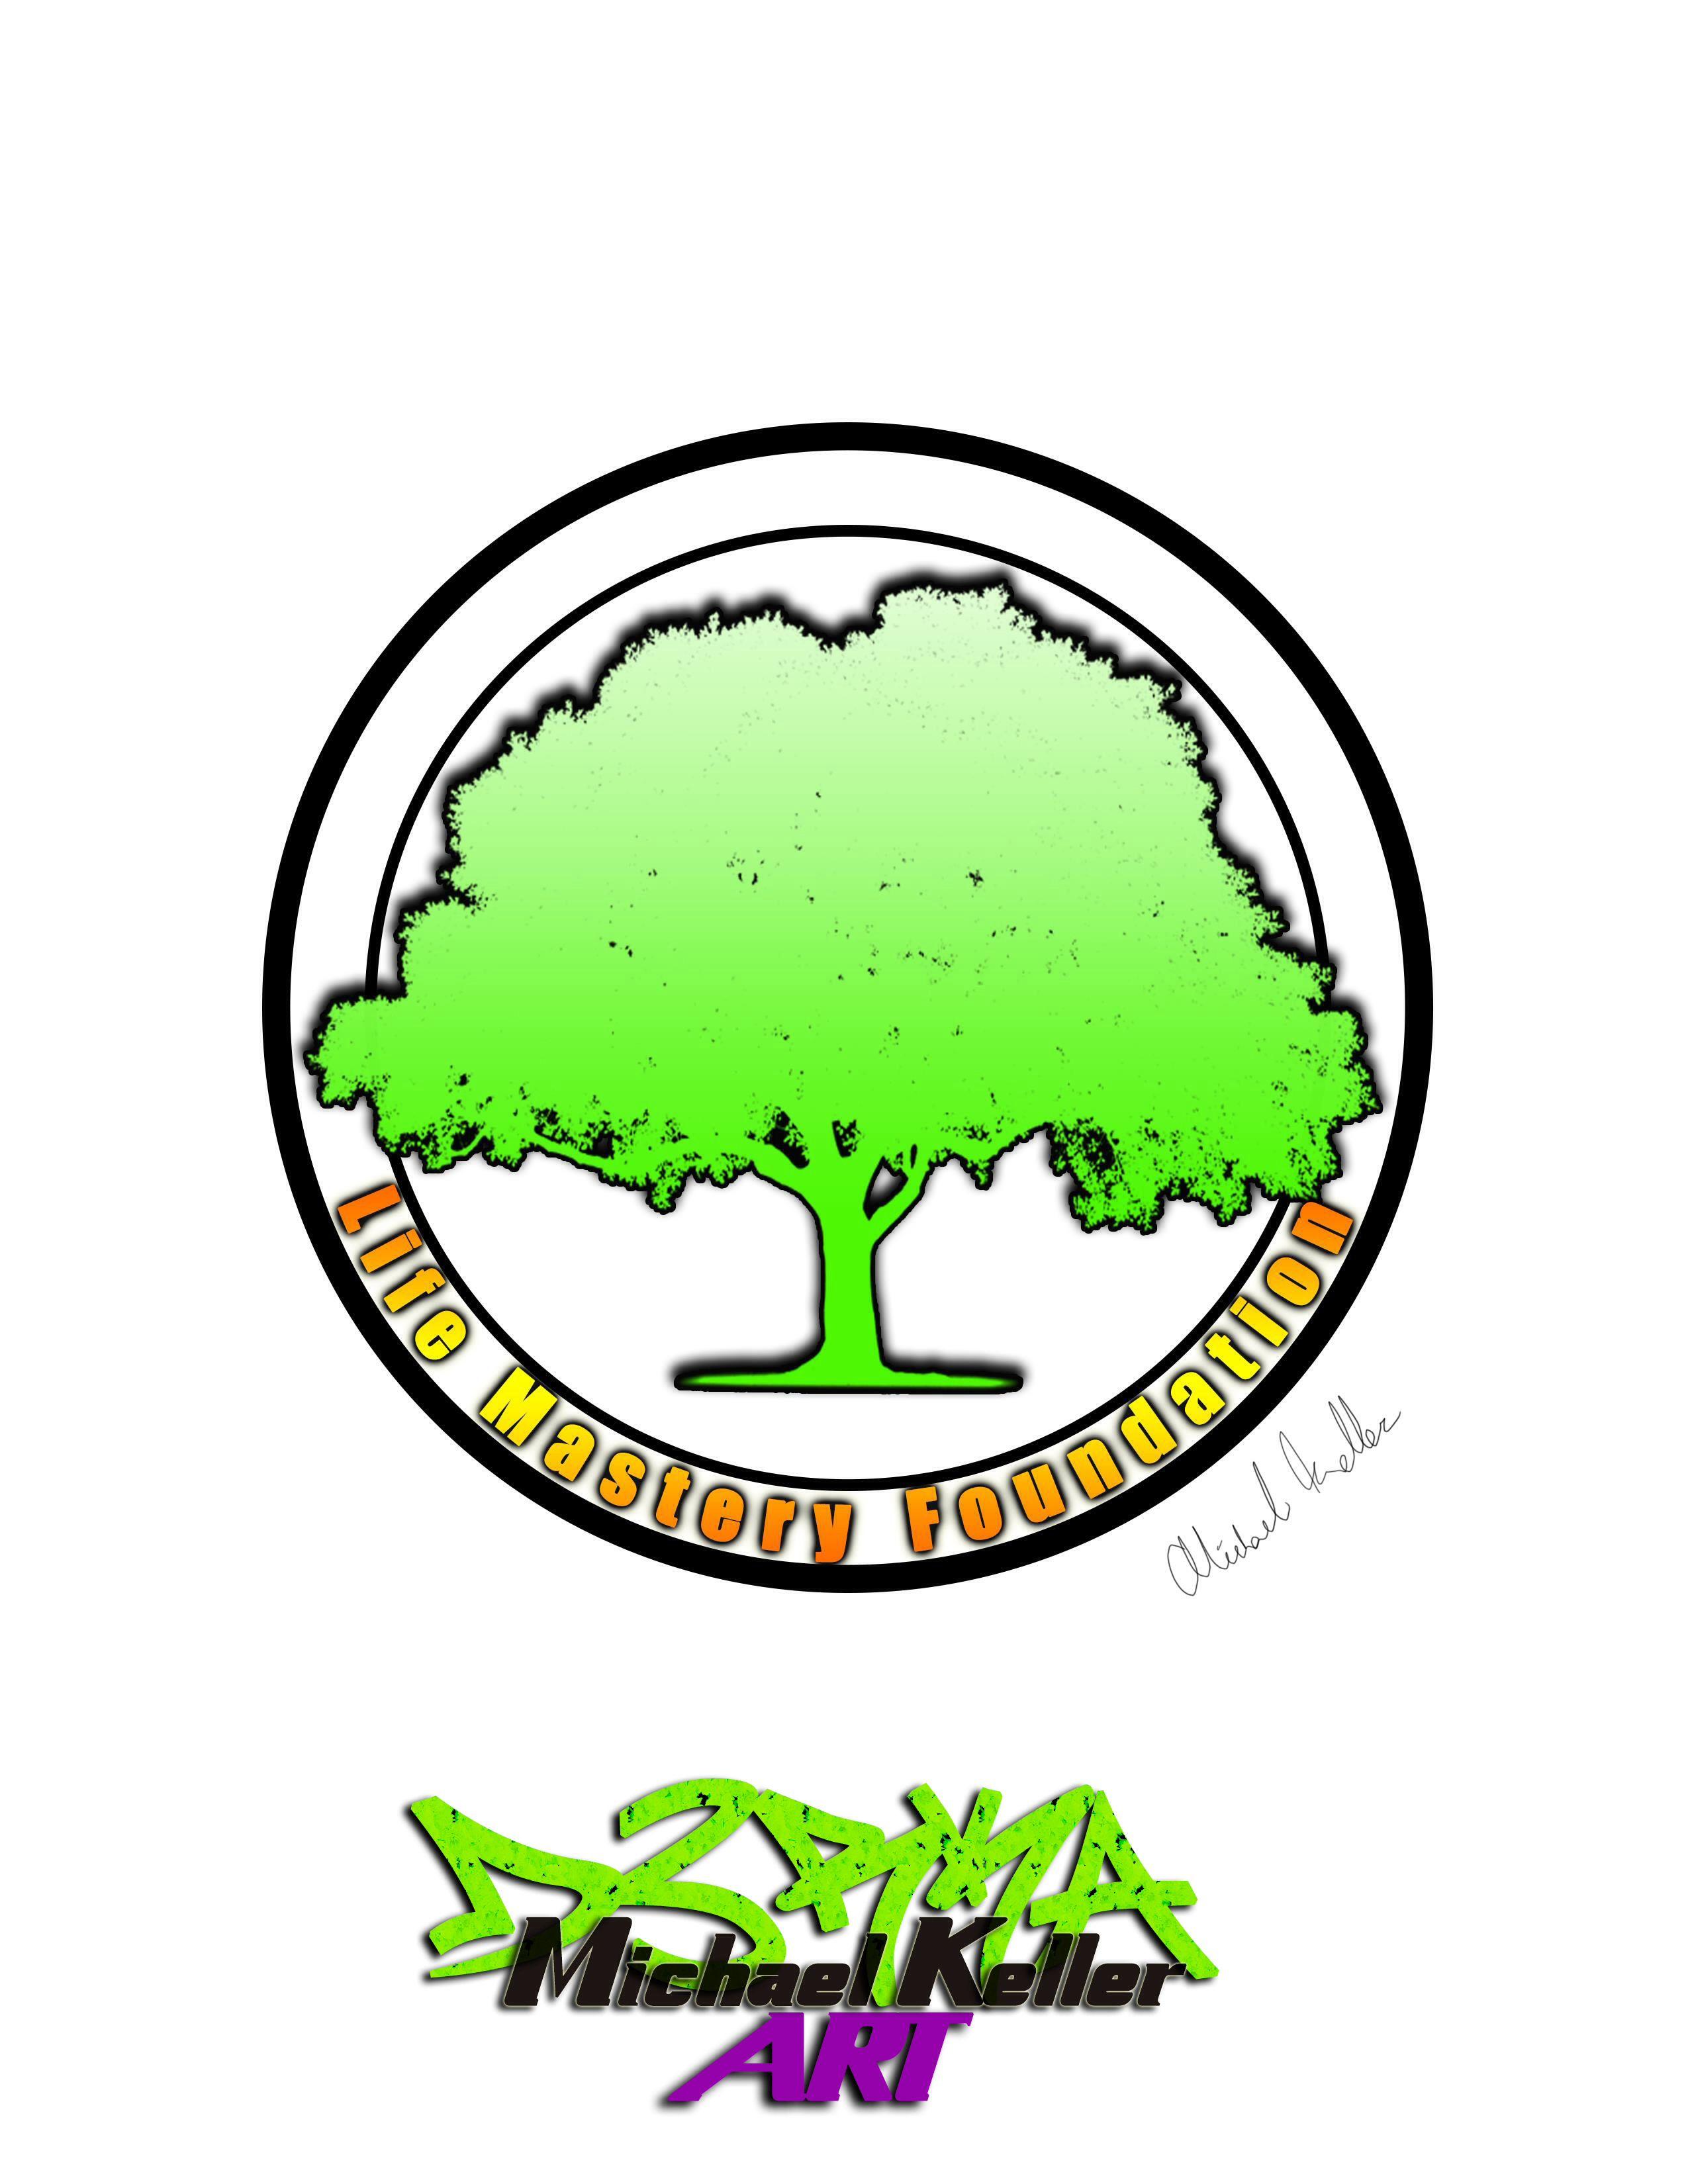 Logo design for a friend | My art | Logos design, Artwork, Art